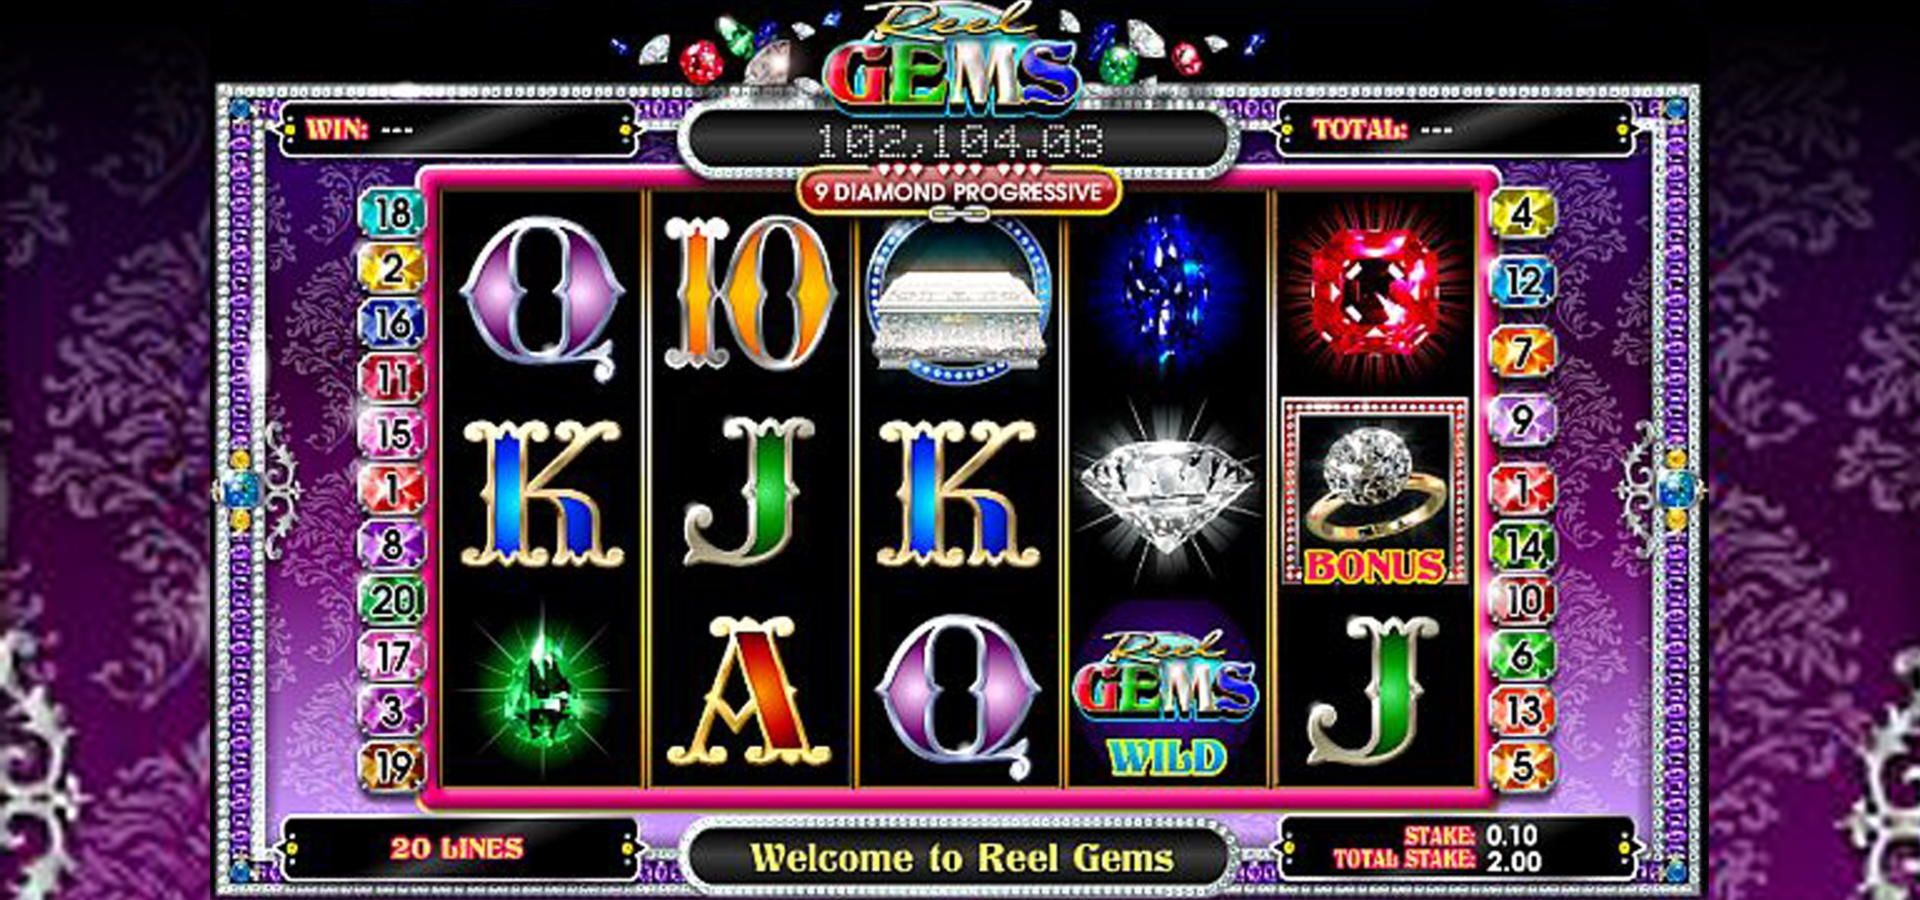 88 ฟรีสปินไม่มีเงินฝากที่ Casino Max